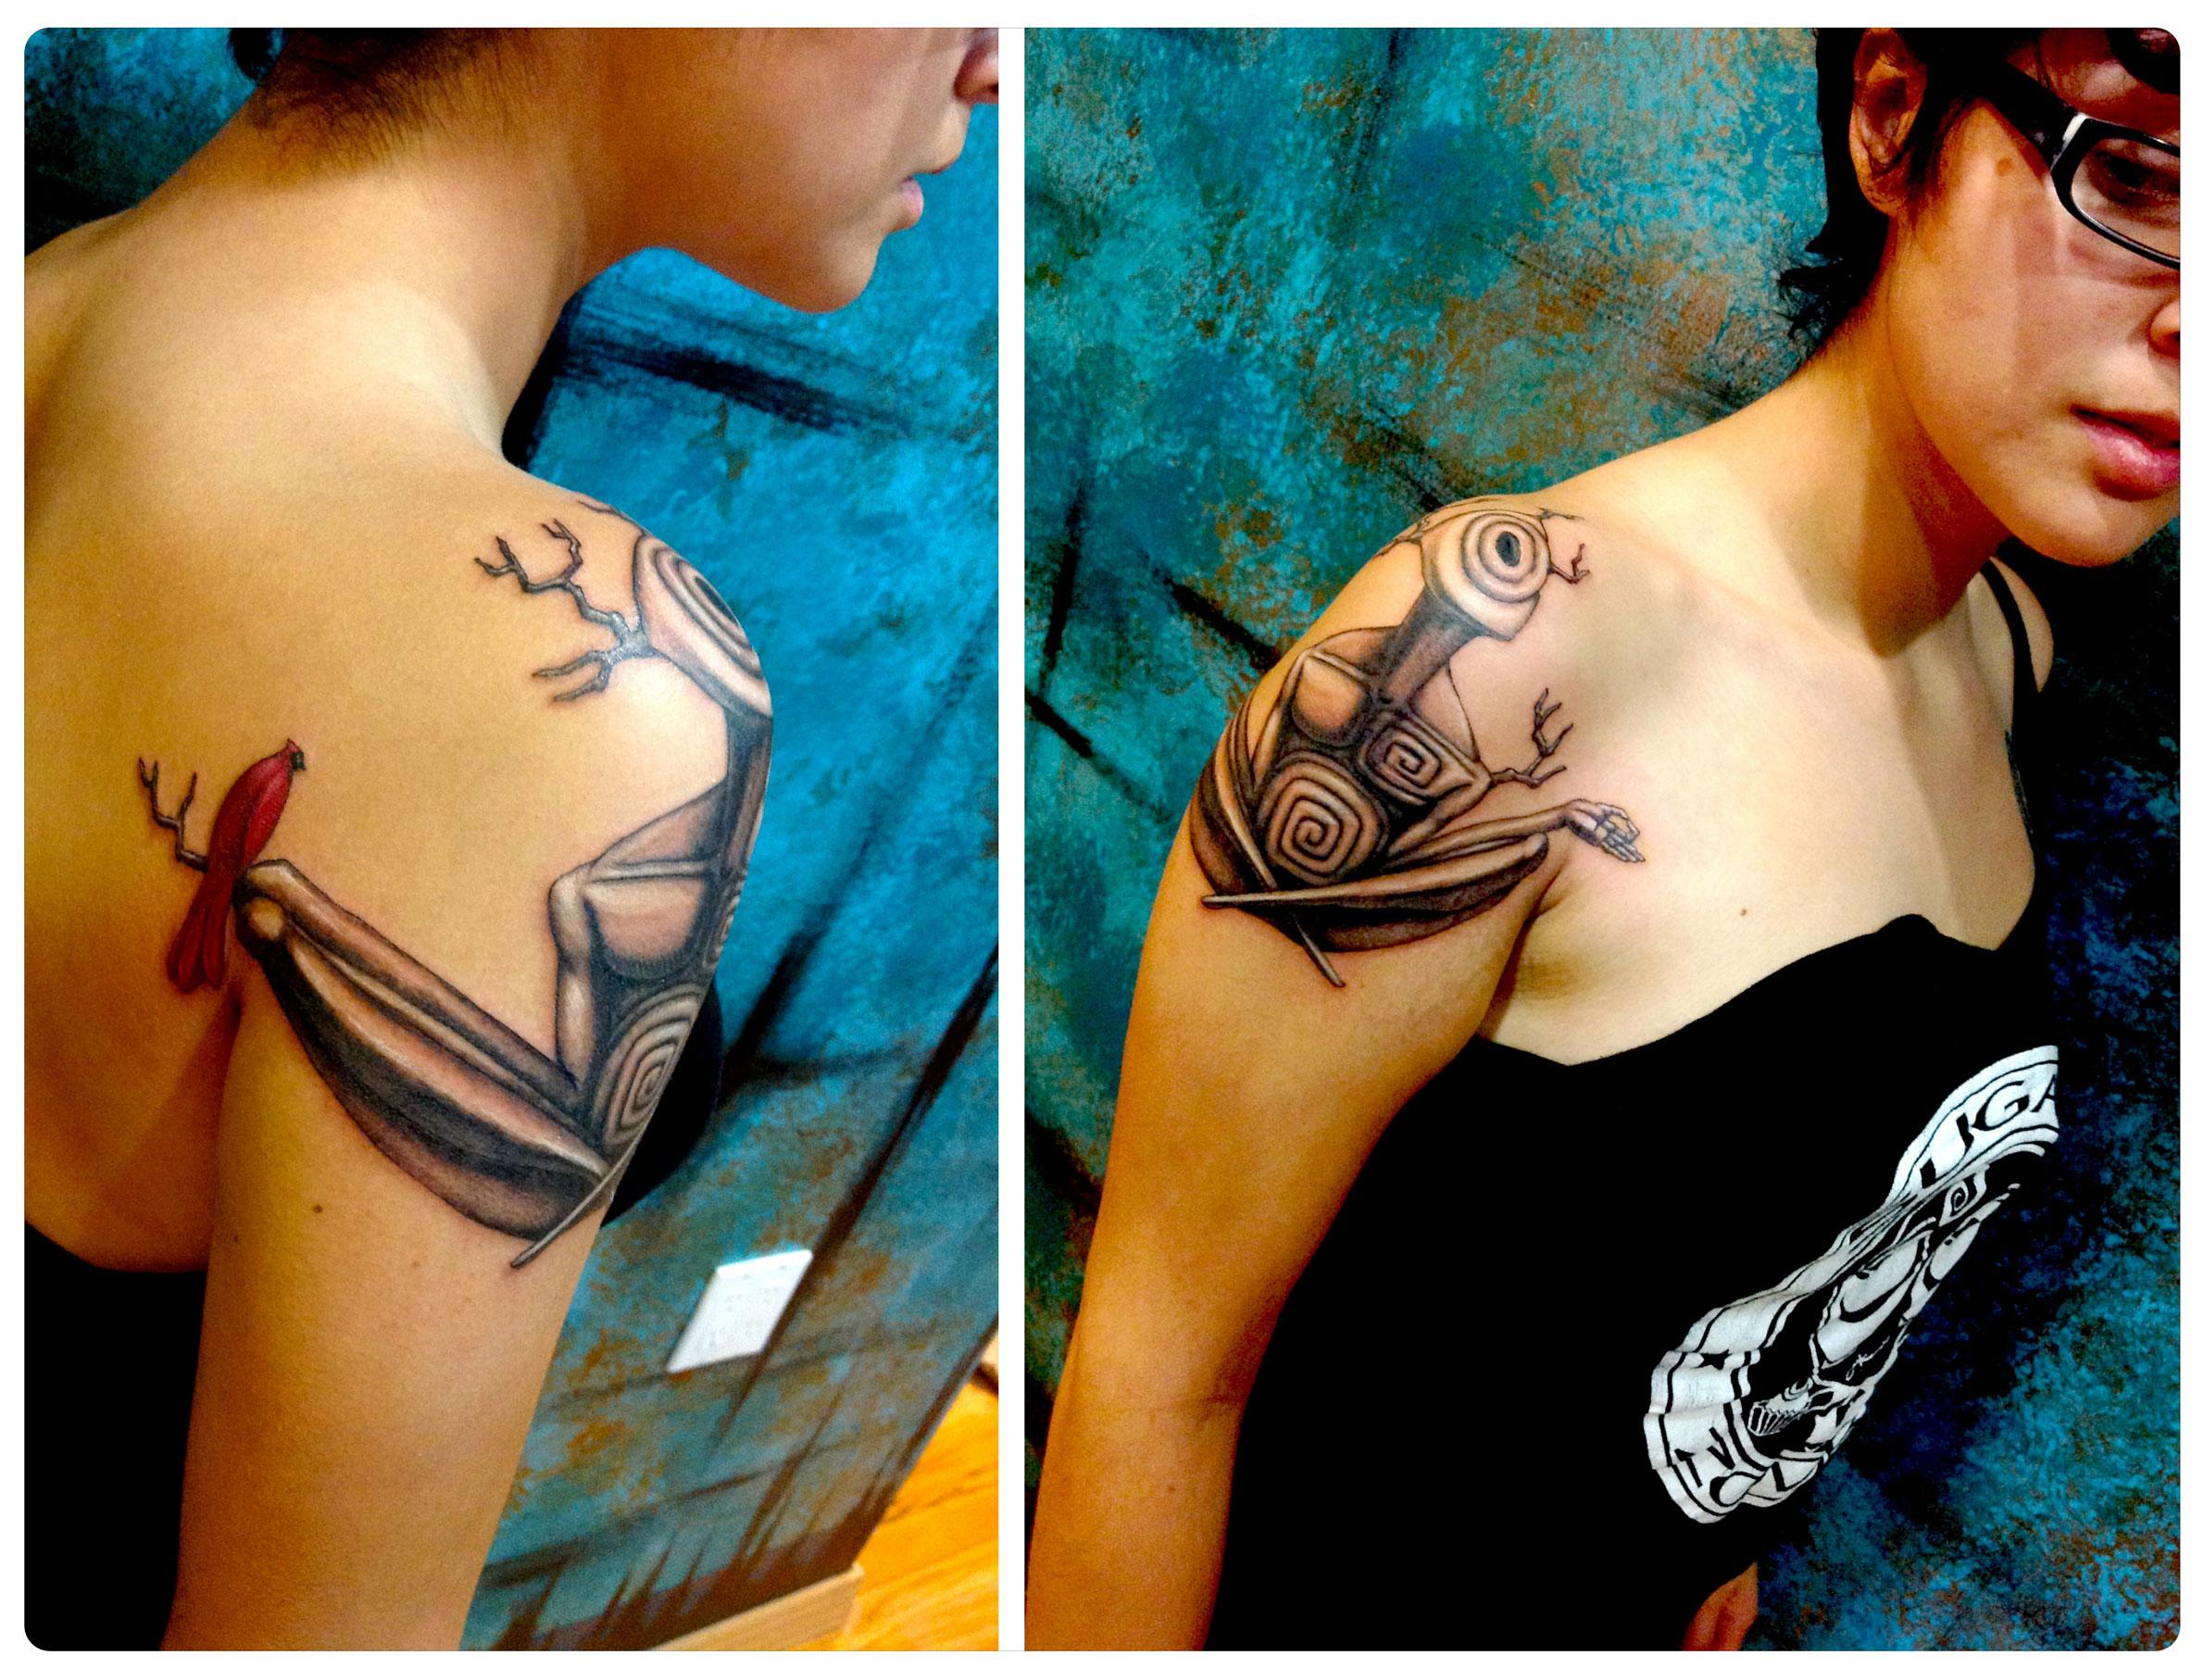 Art by J.R. Slattum    Tattoo by Shane Acuff